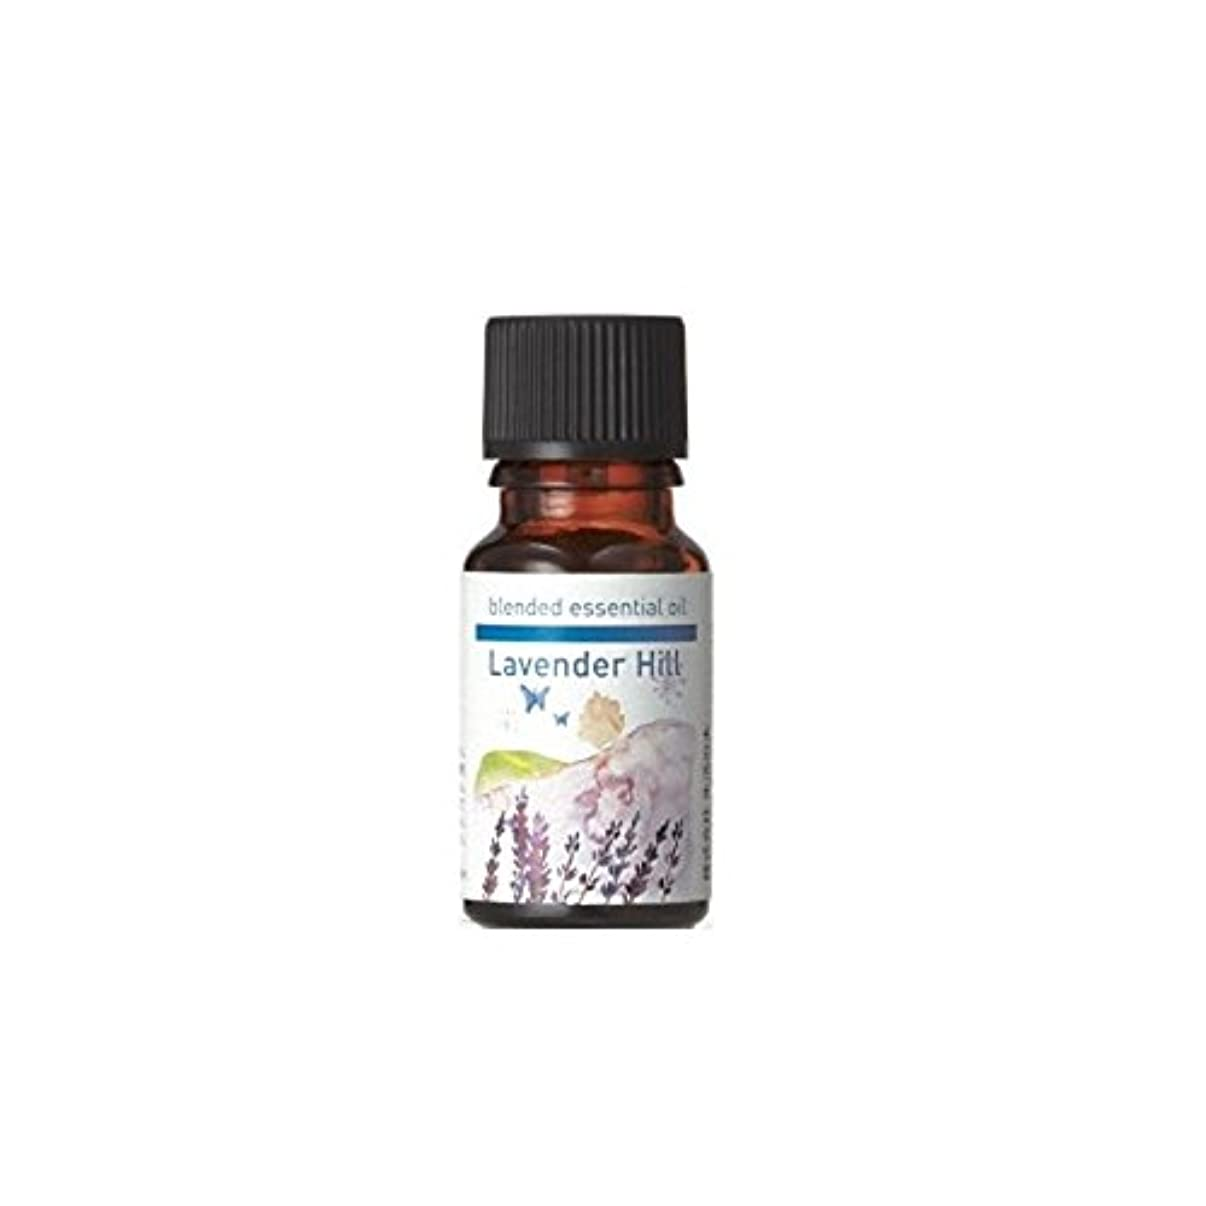 振りかける興奮する要求生活の木 ブレンドエッセンシャルオイル ラベンダーヒル [30ml] エッセンシャルオイル/精油